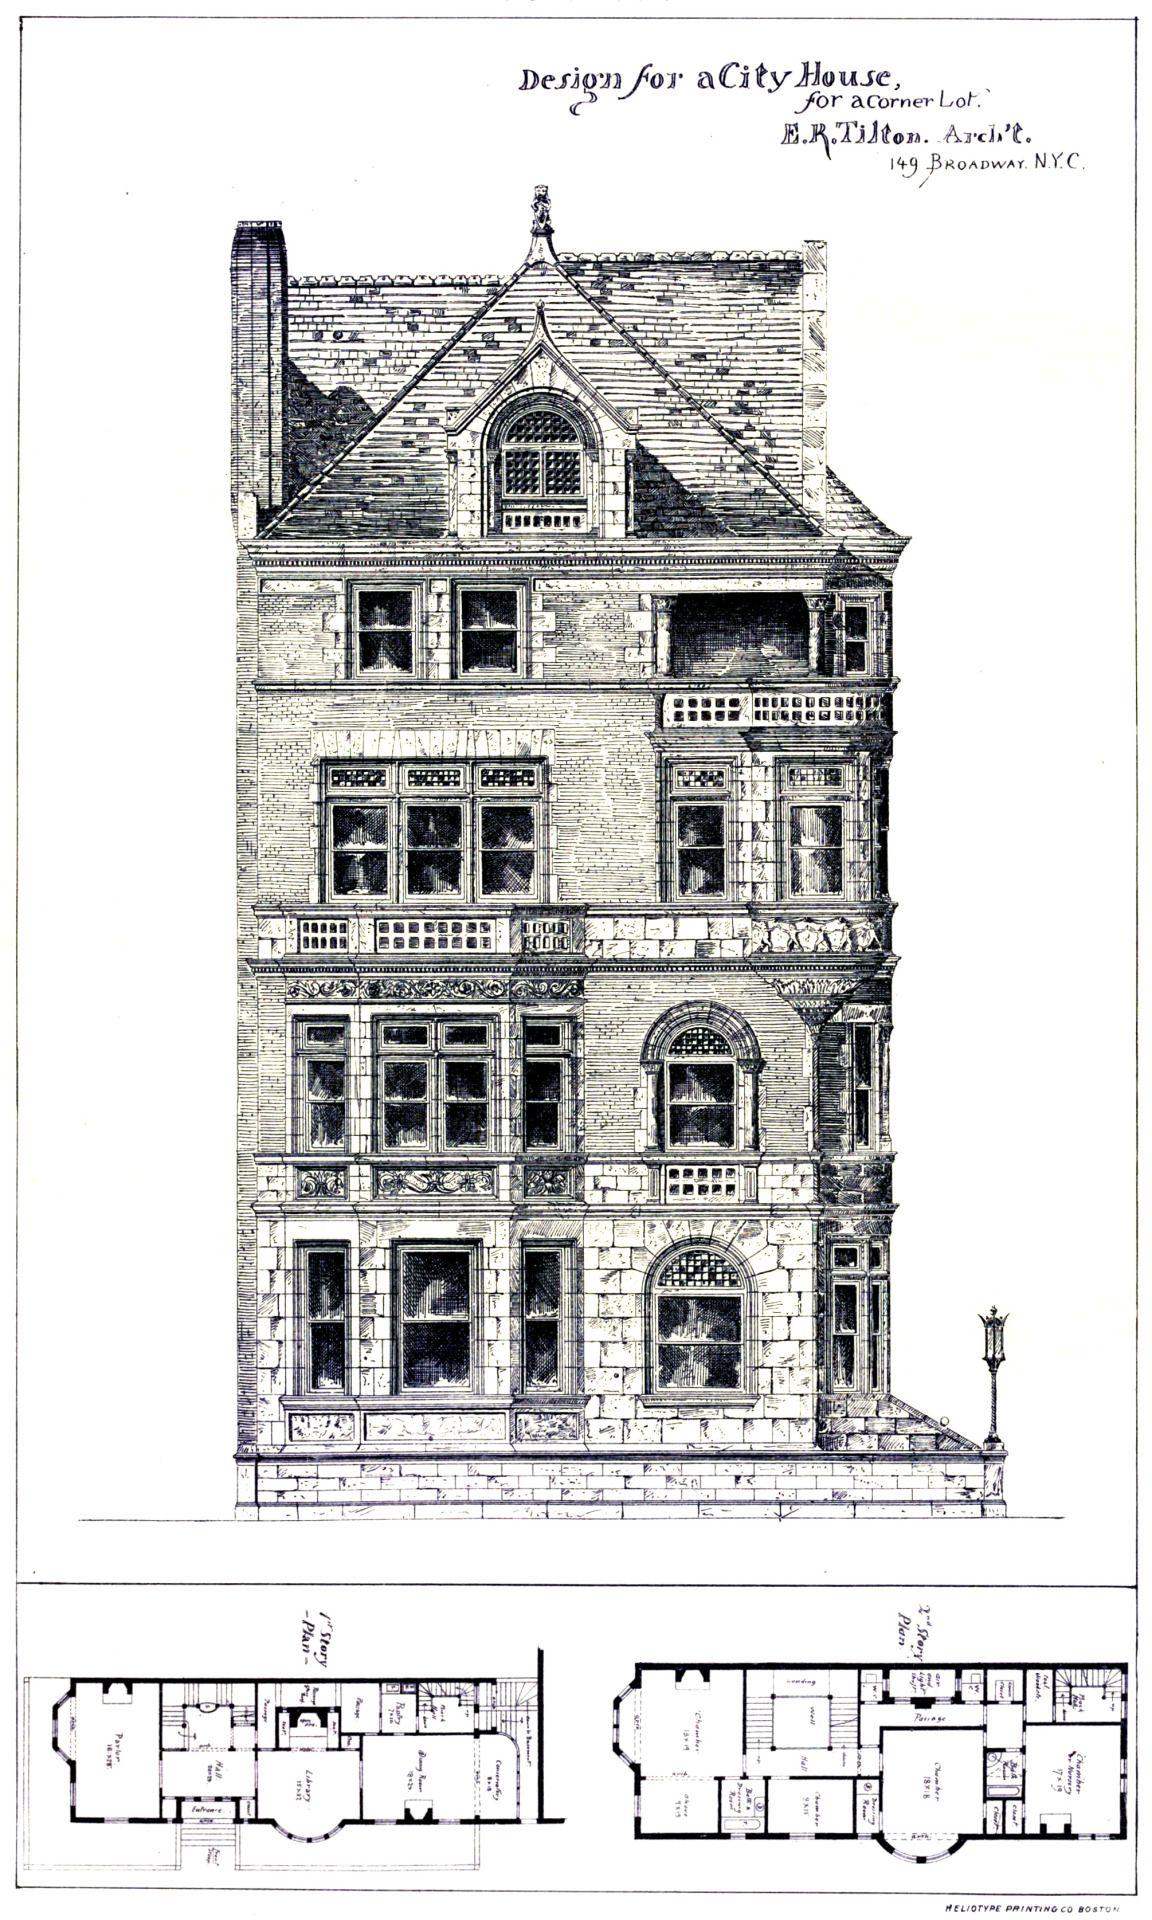 A Gentleman's Prospect, archimaps: Design for an urban